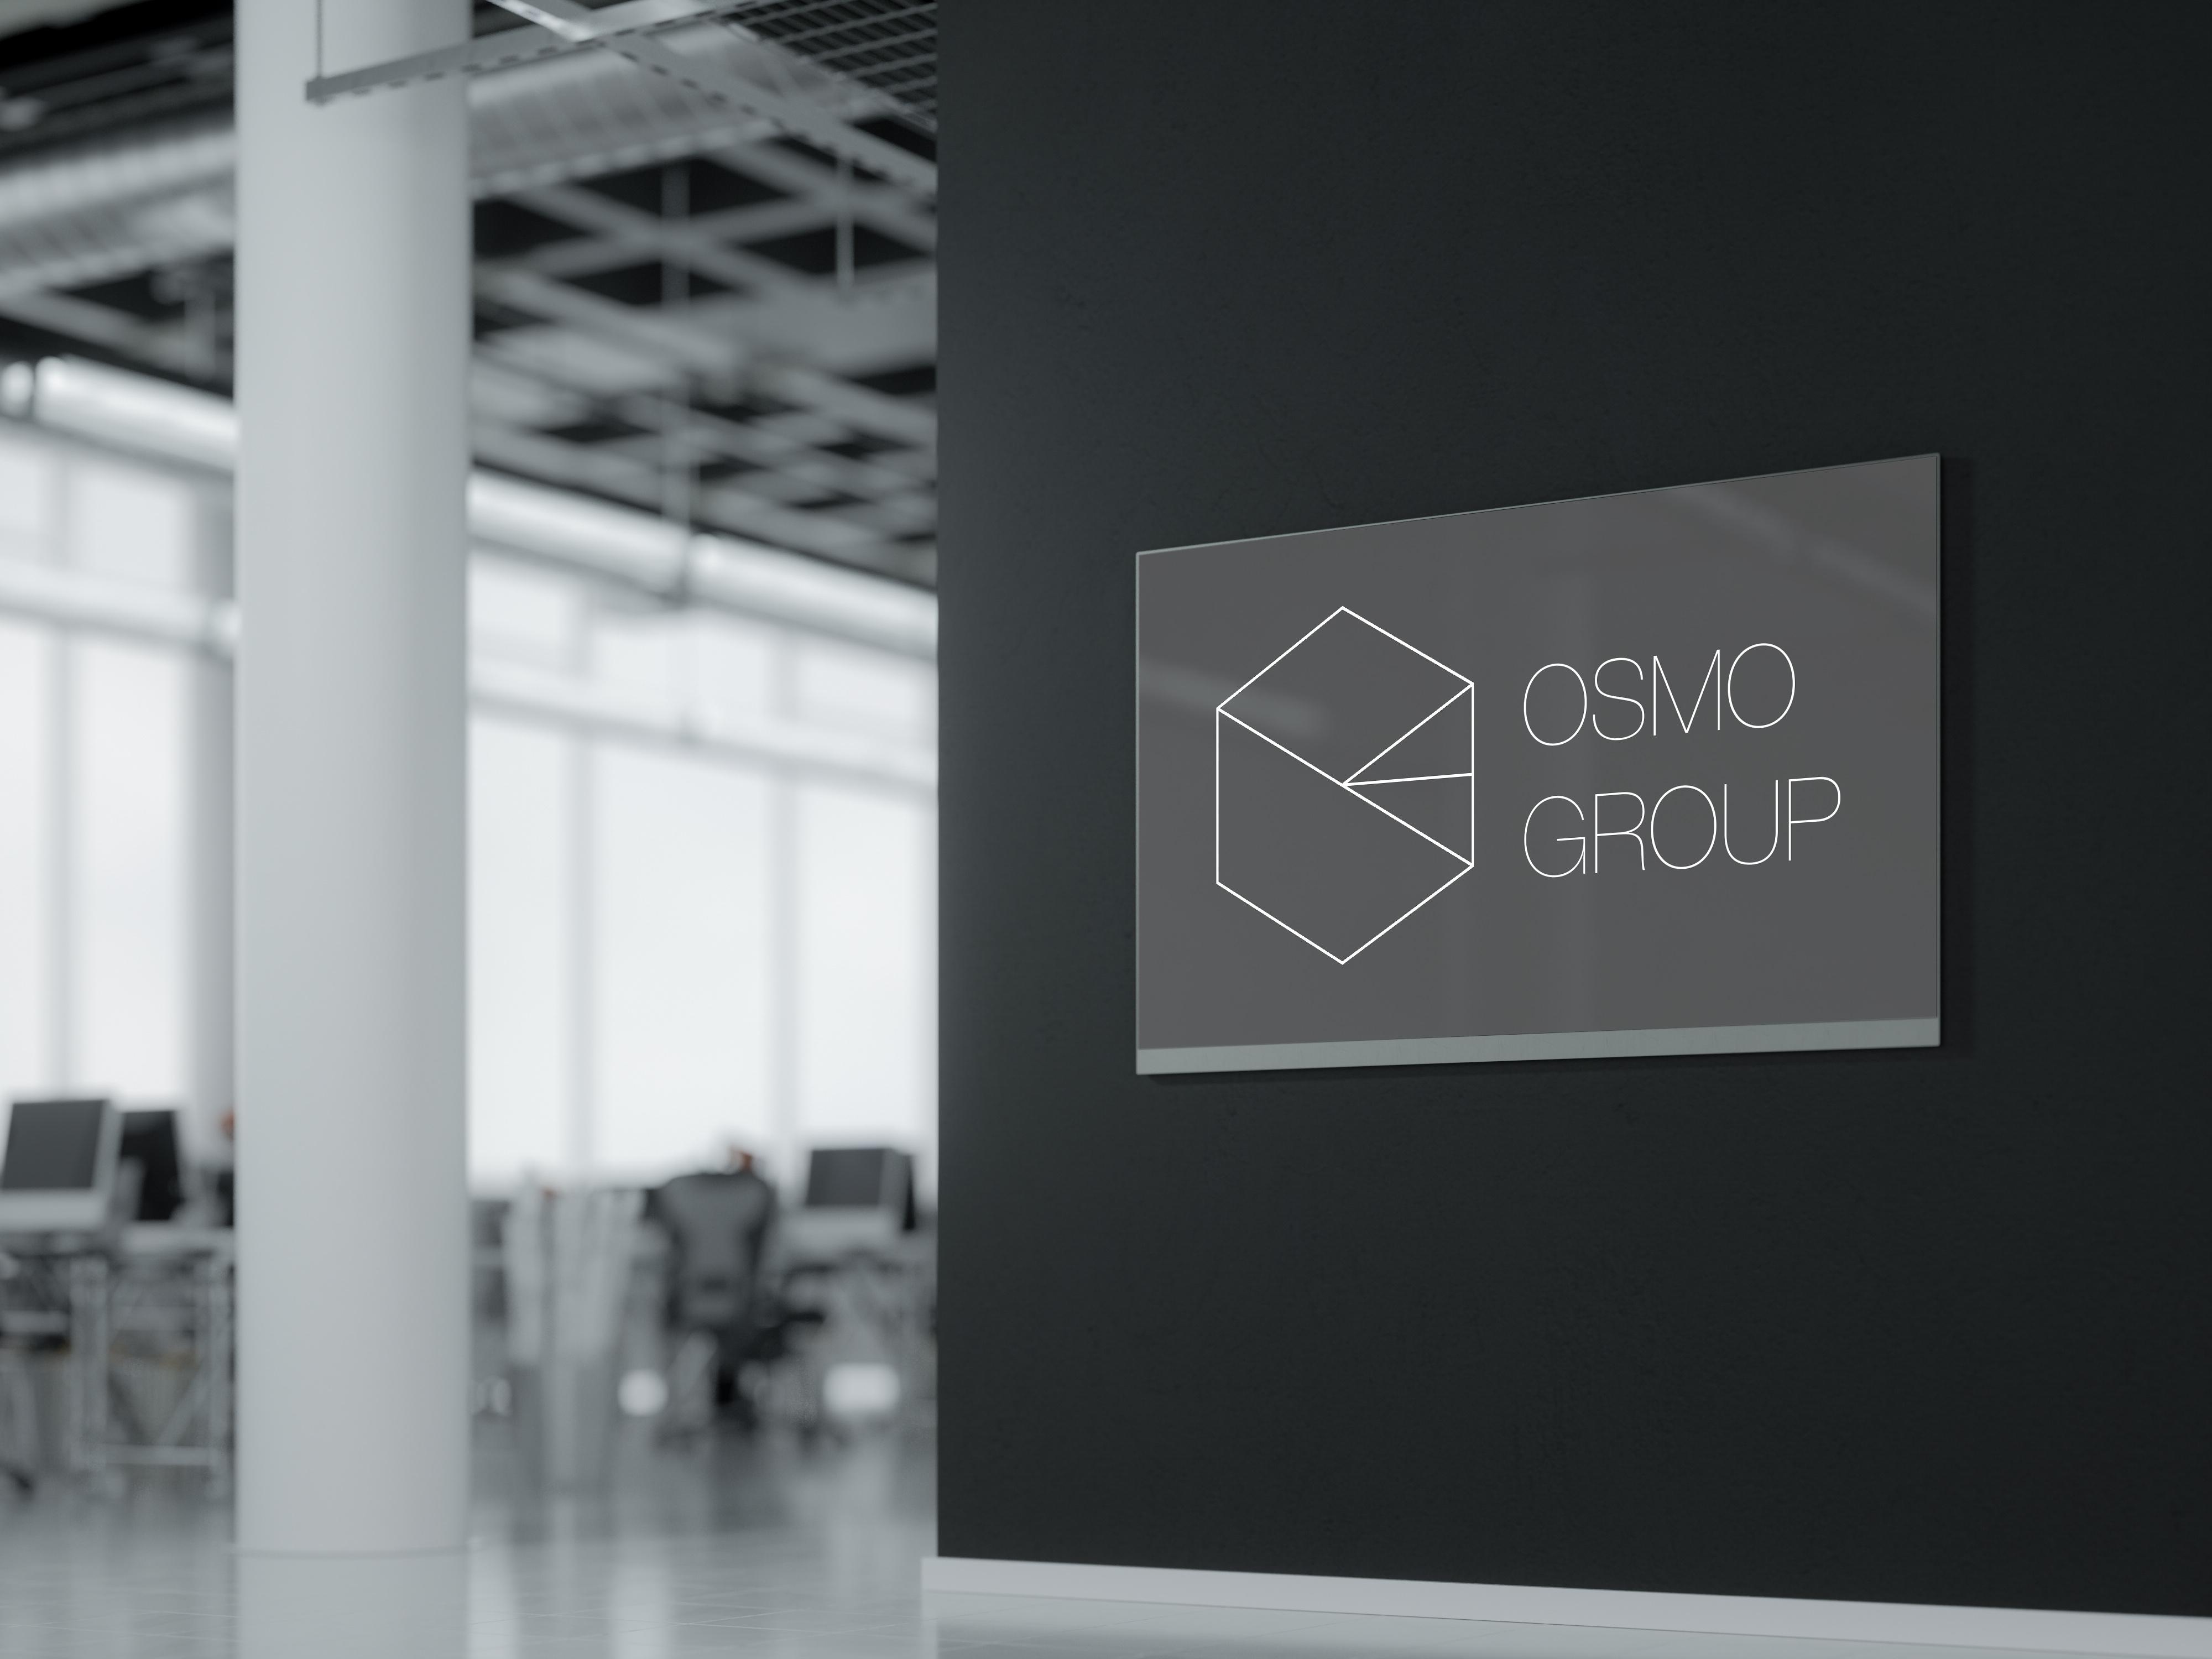 Создание логотипа для строительной компании OSMO group  фото f_45759b6358d15aa2.jpg